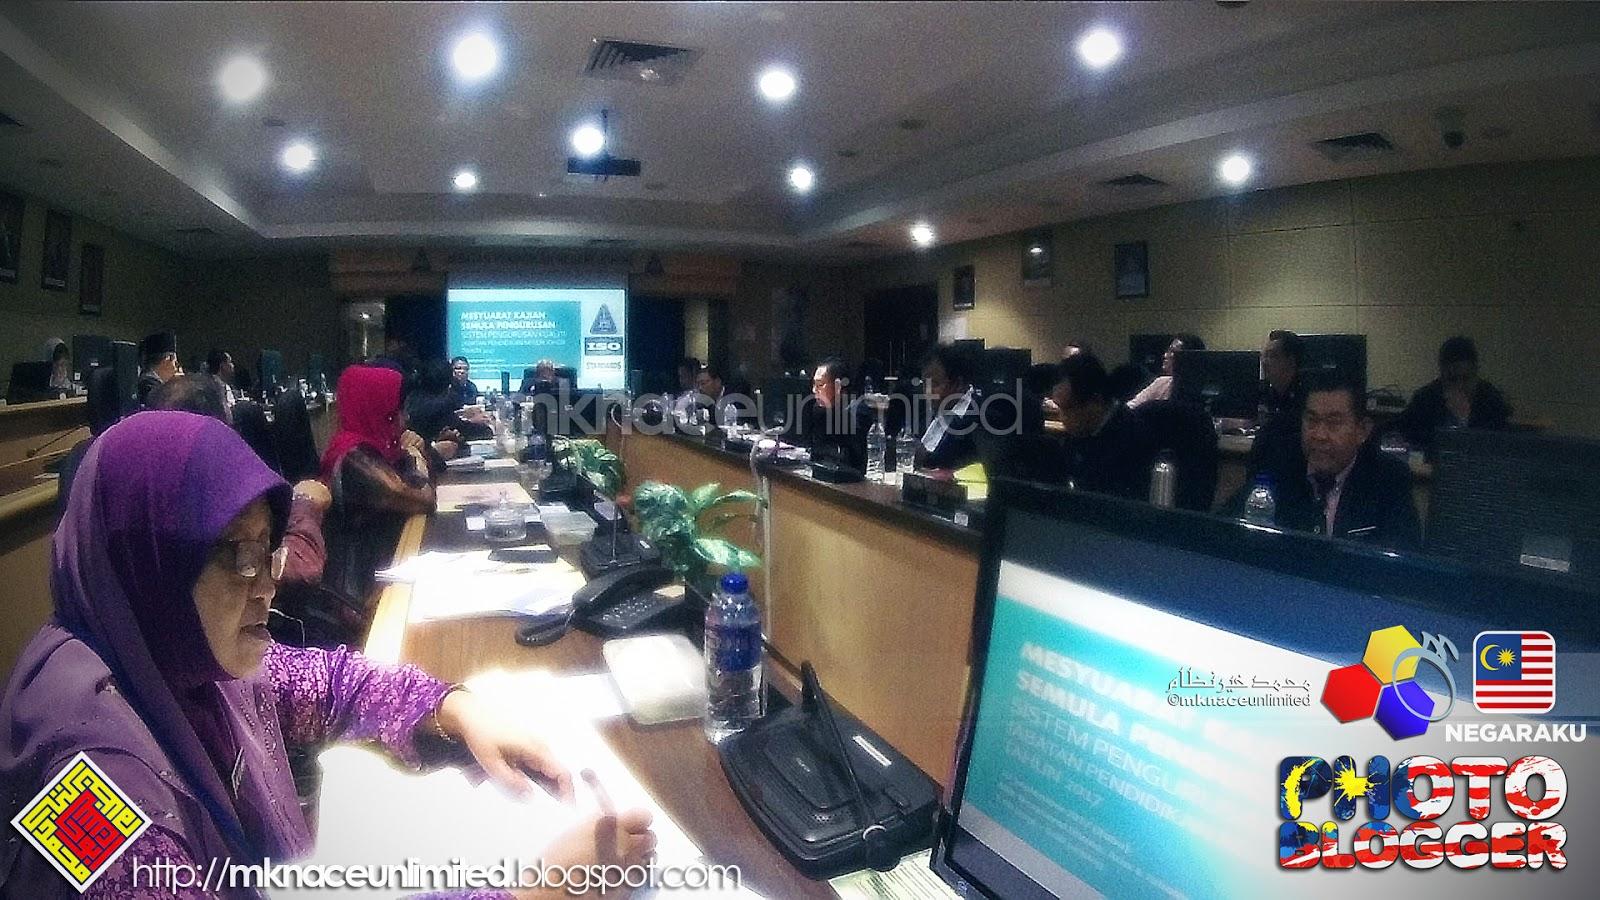 Mesyuarat Kajian Semula Pengurusan JPN Johor. Selesai di Bilik Mesyuarat  Utama sebentar tadi. Smooth. Ada sedikit pandangan diminta berkenaan sistem  yang ... 90788db14f